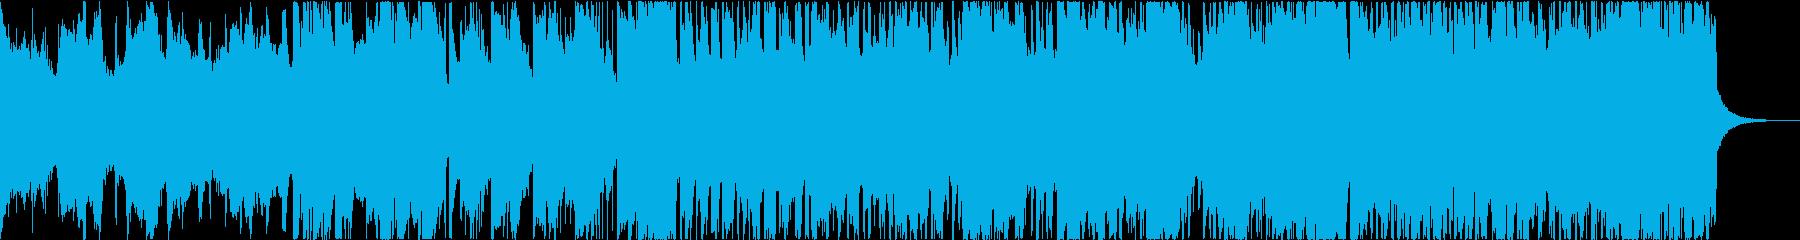 熱い・激しい・勢いのあるハードロックの再生済みの波形